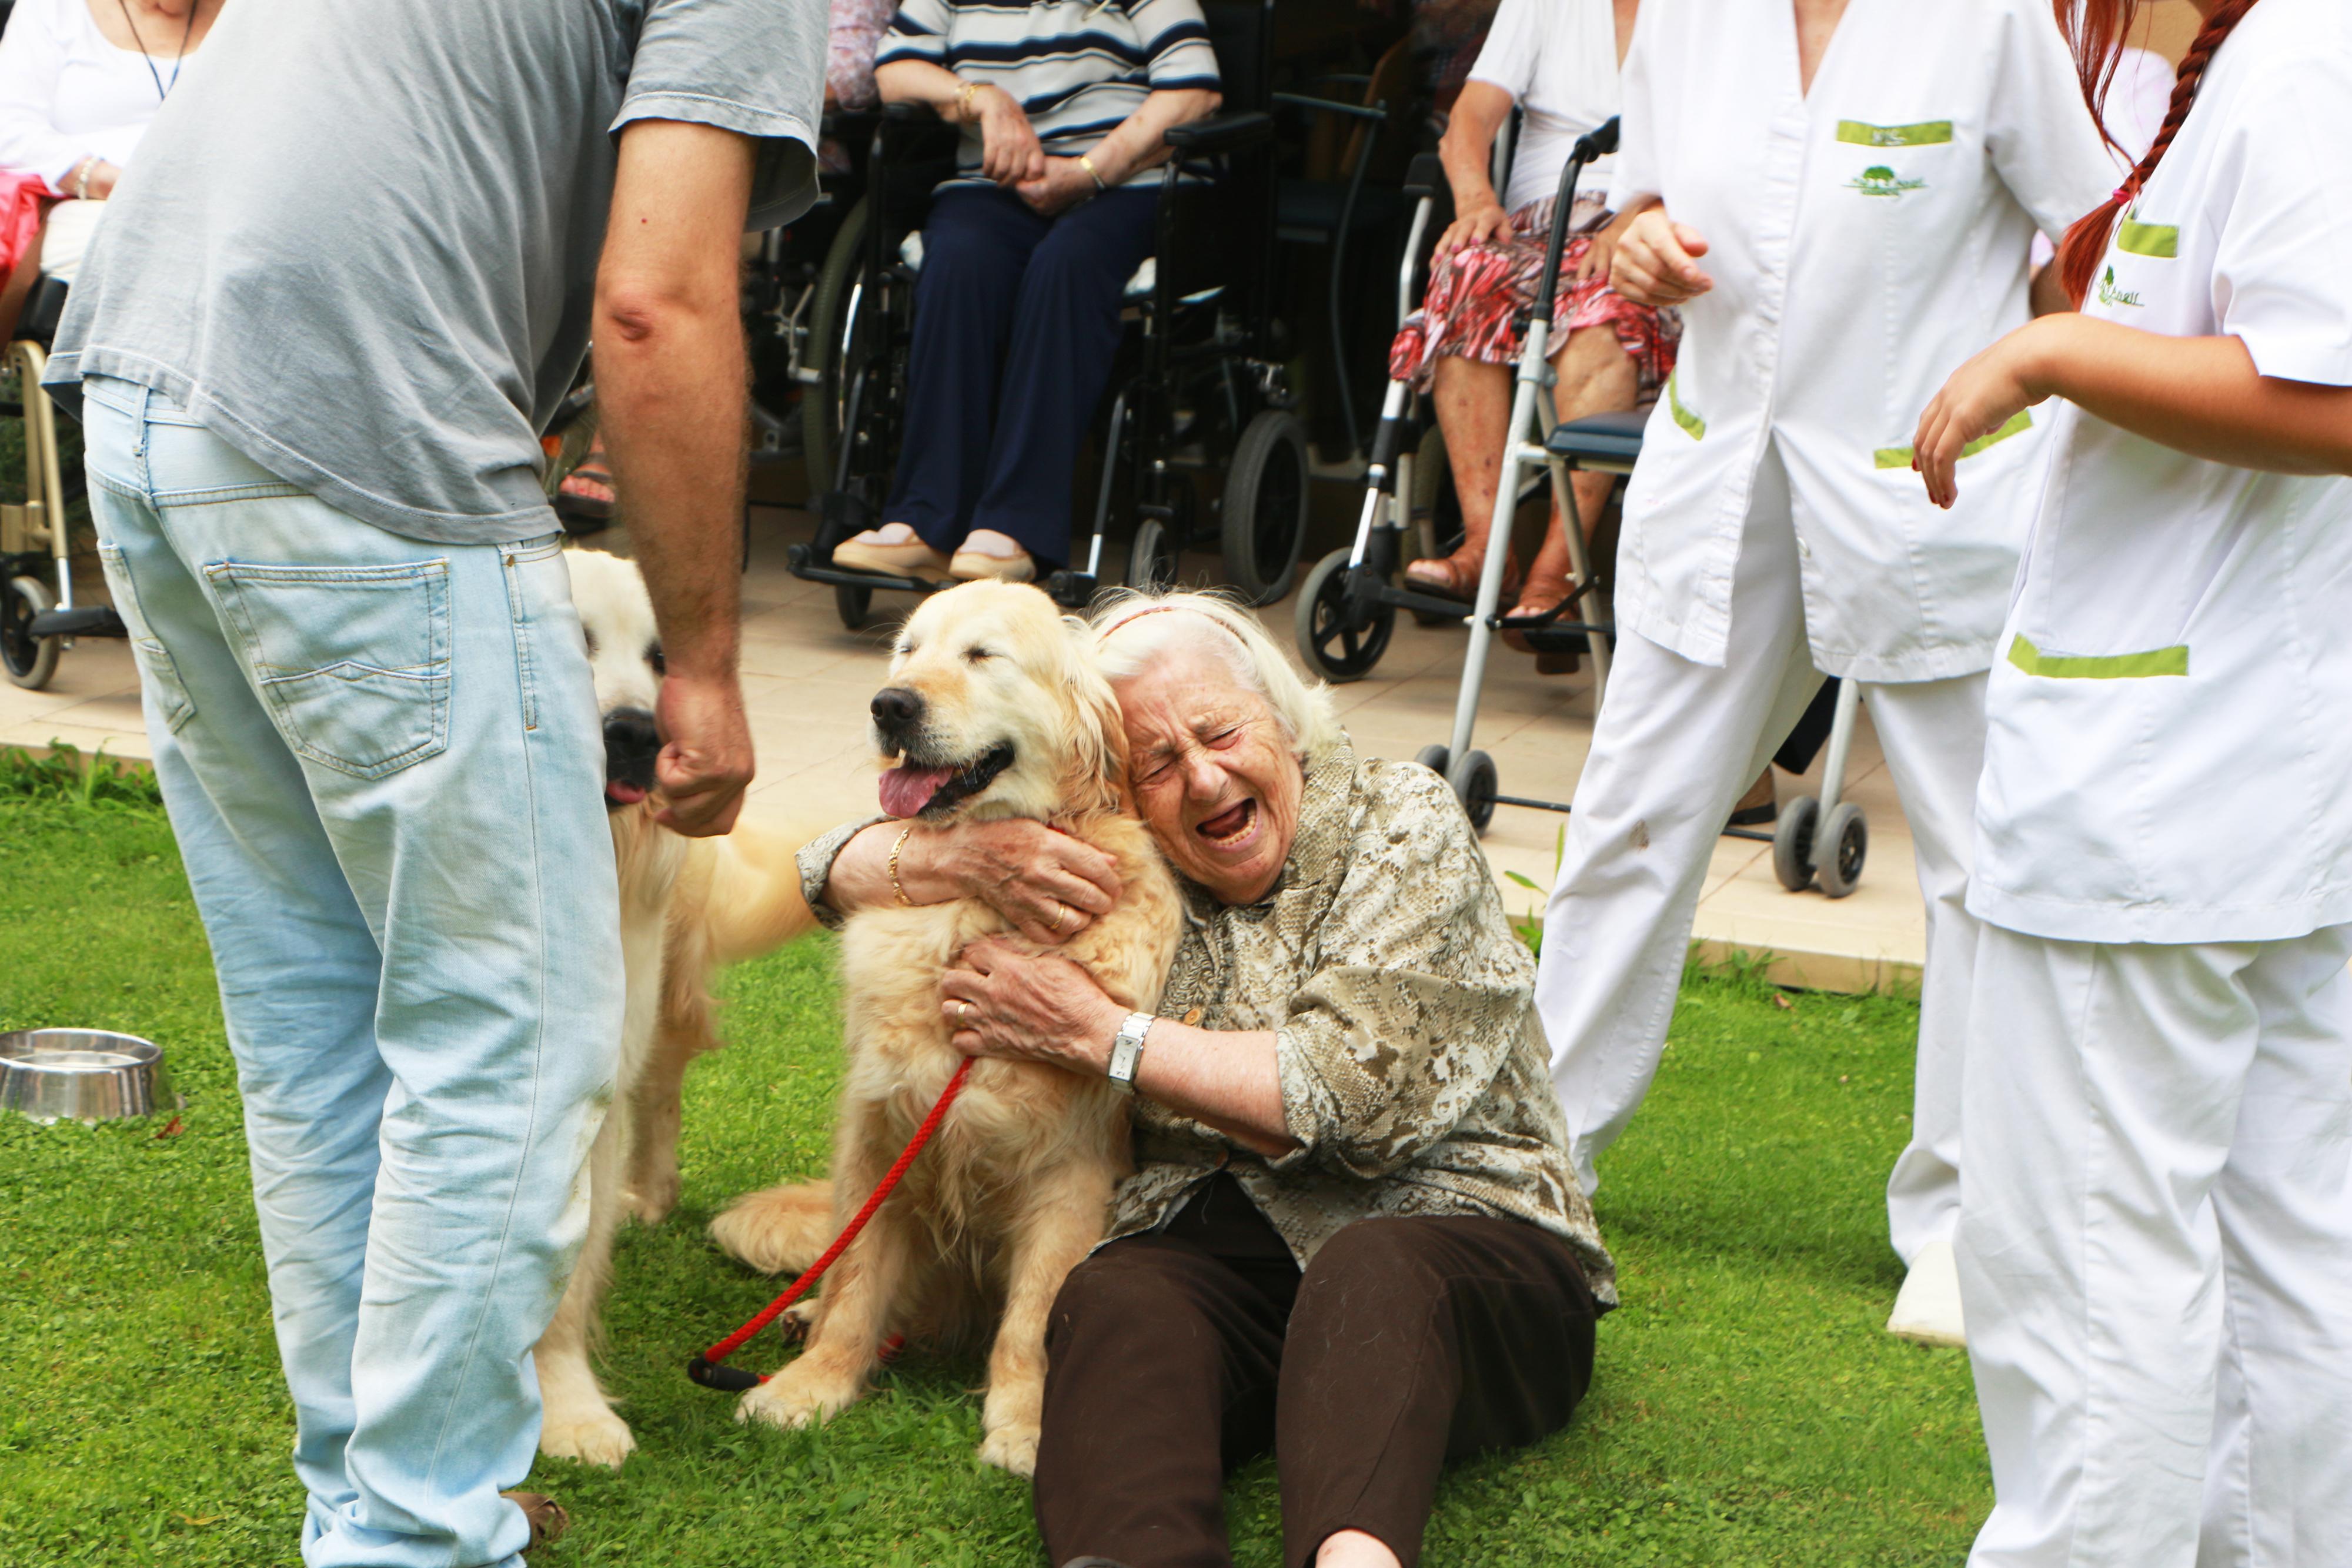 beneficis de la teràpia assistida amb animals_2